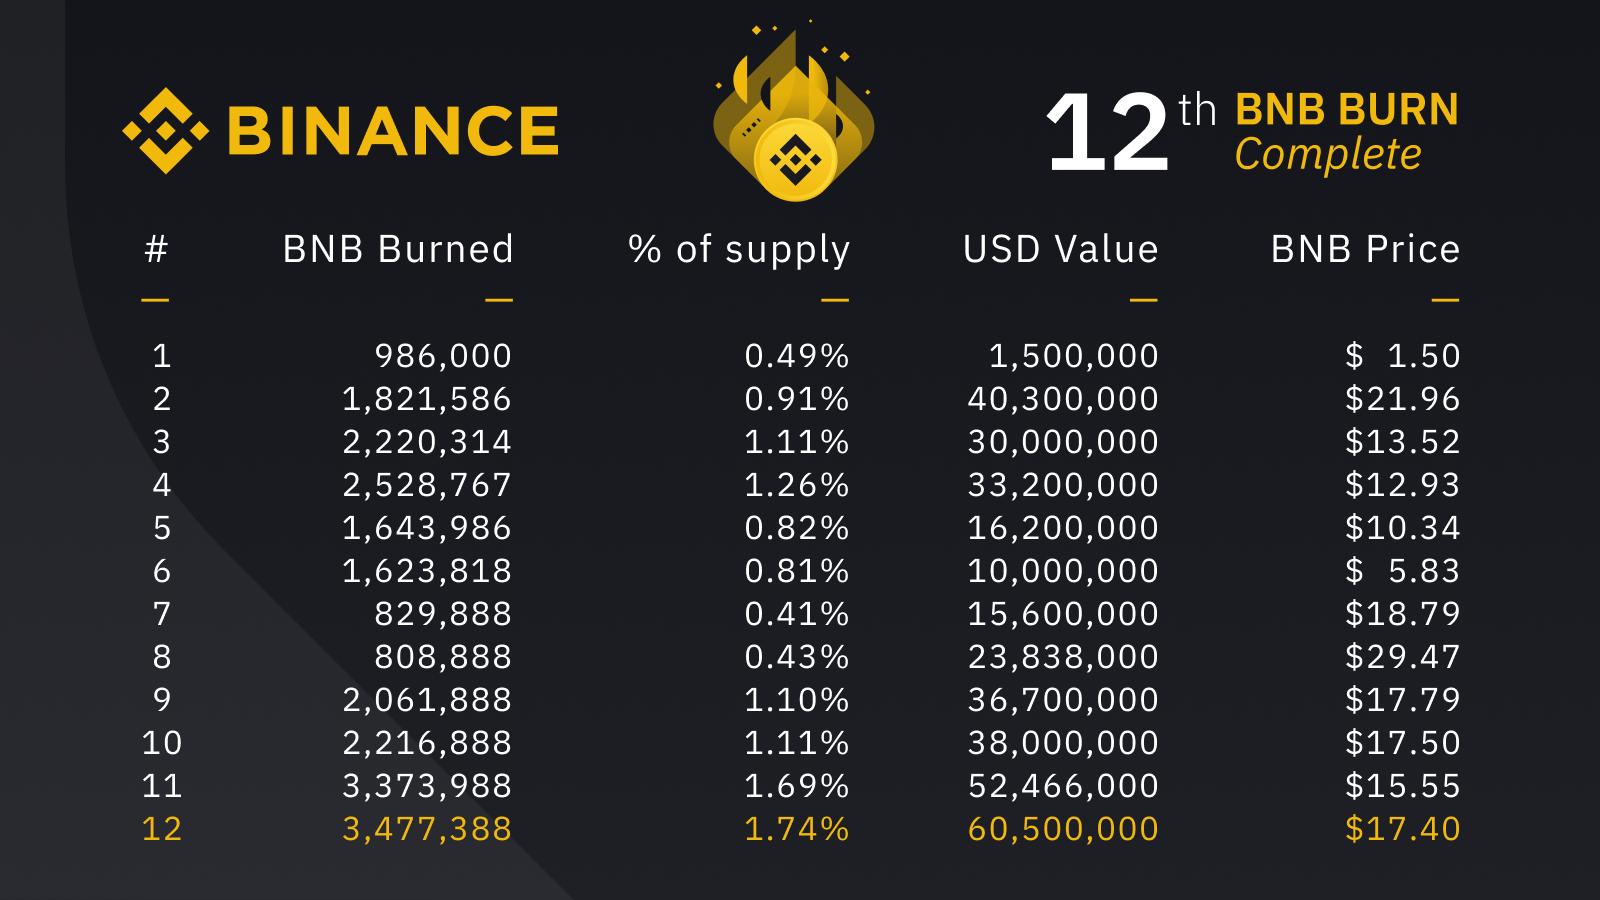 Всего за 12 раундов сжигания биржа уничтожила 23,6 млн BNB на $359 млн, что соответствует 11,8% эмиссии. В планах сжечь ровно половину эмитируемых монет, то есть 100 млн BNB.